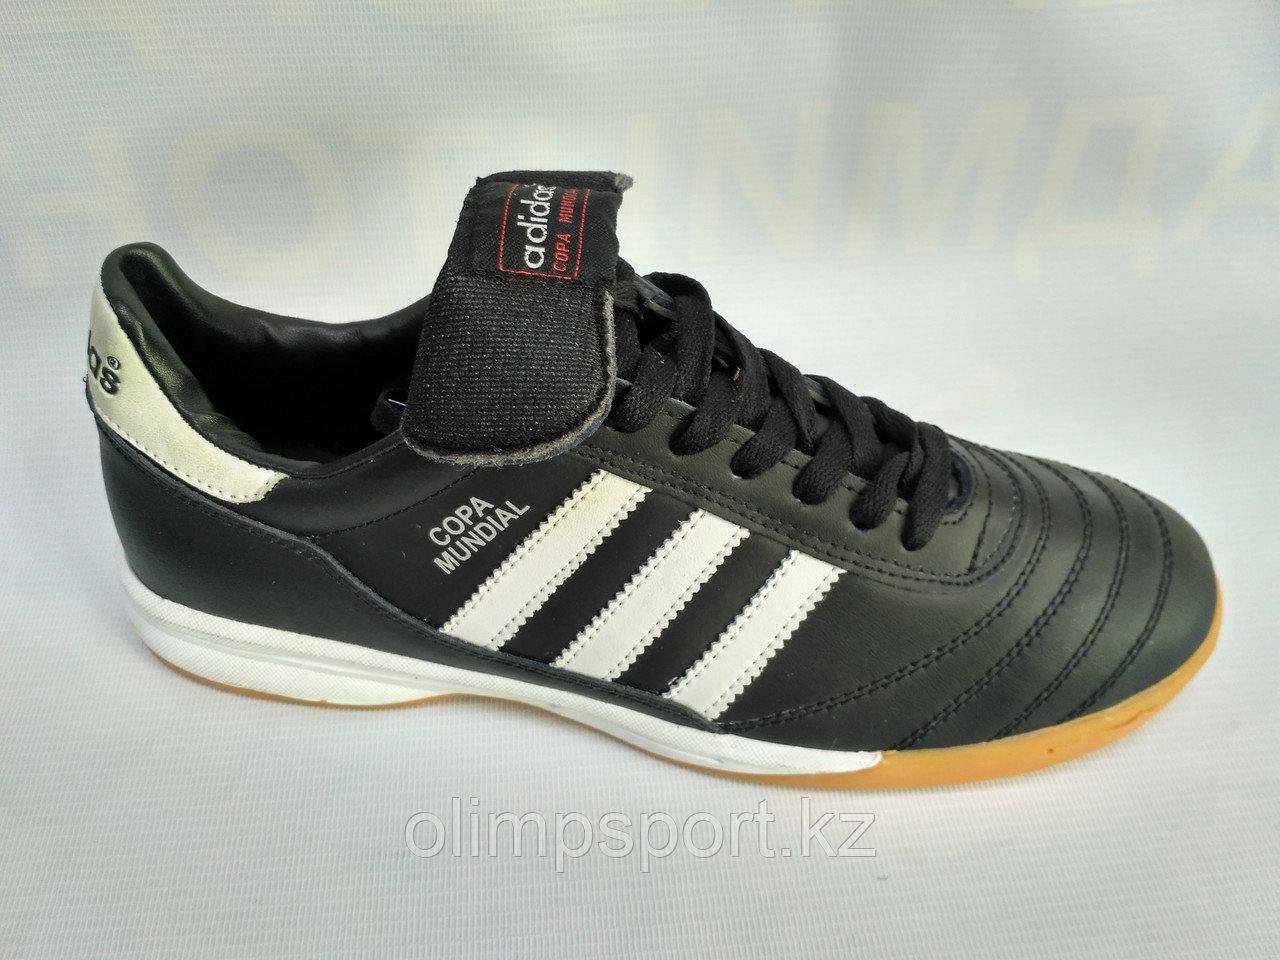 Обувь футбольная для зала  Adidas, 43 РАЗМЕР